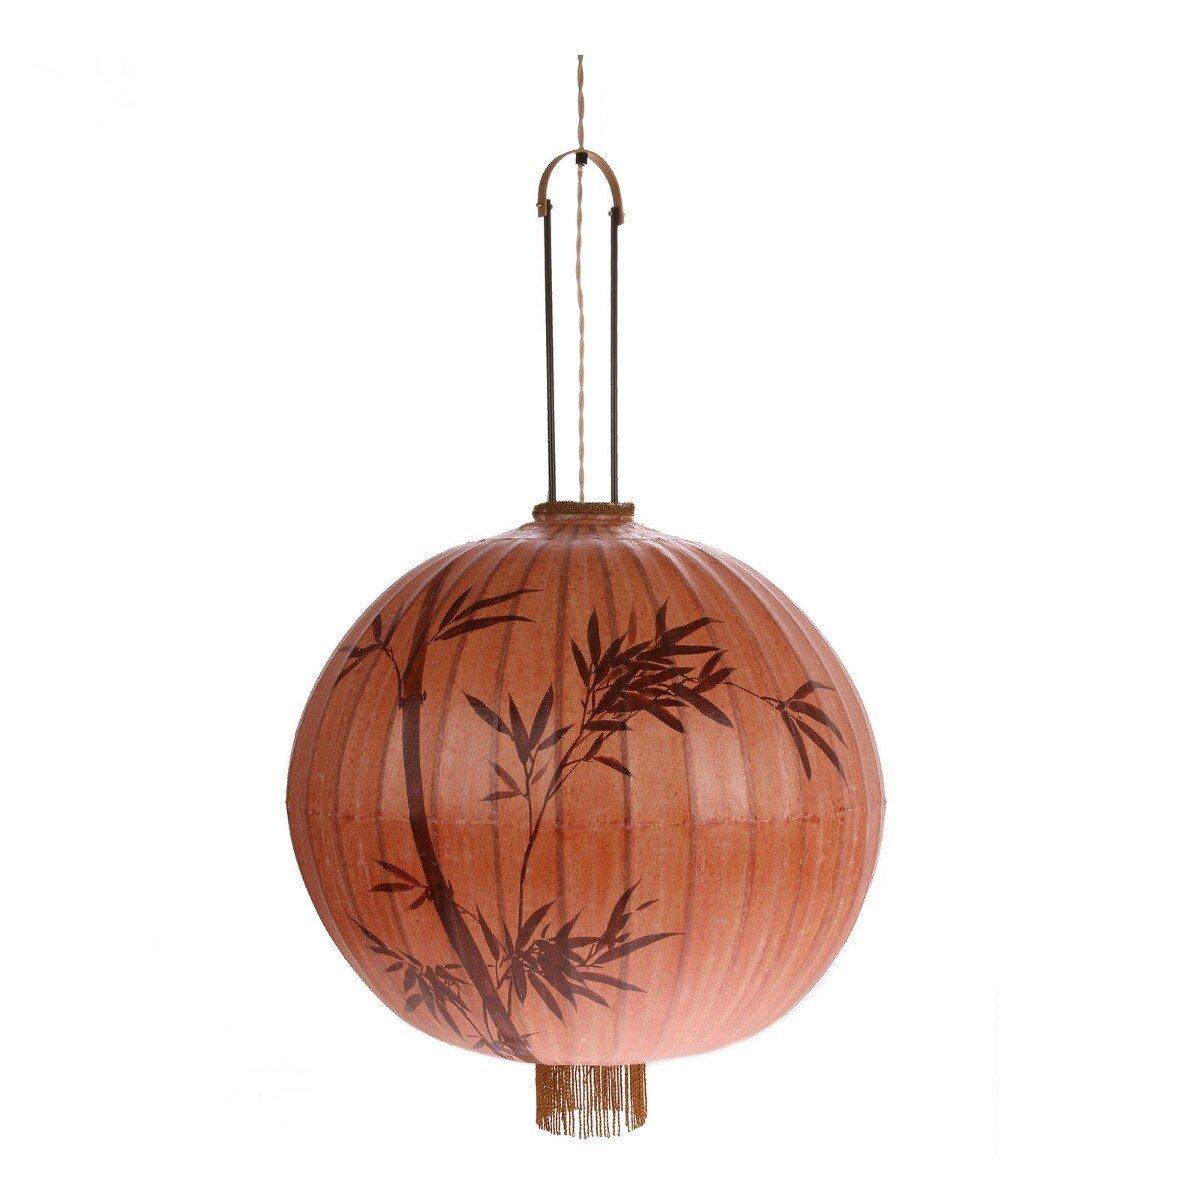 HKliving hanglamp Terra stoffen lantaarn 58 x 60 x 60